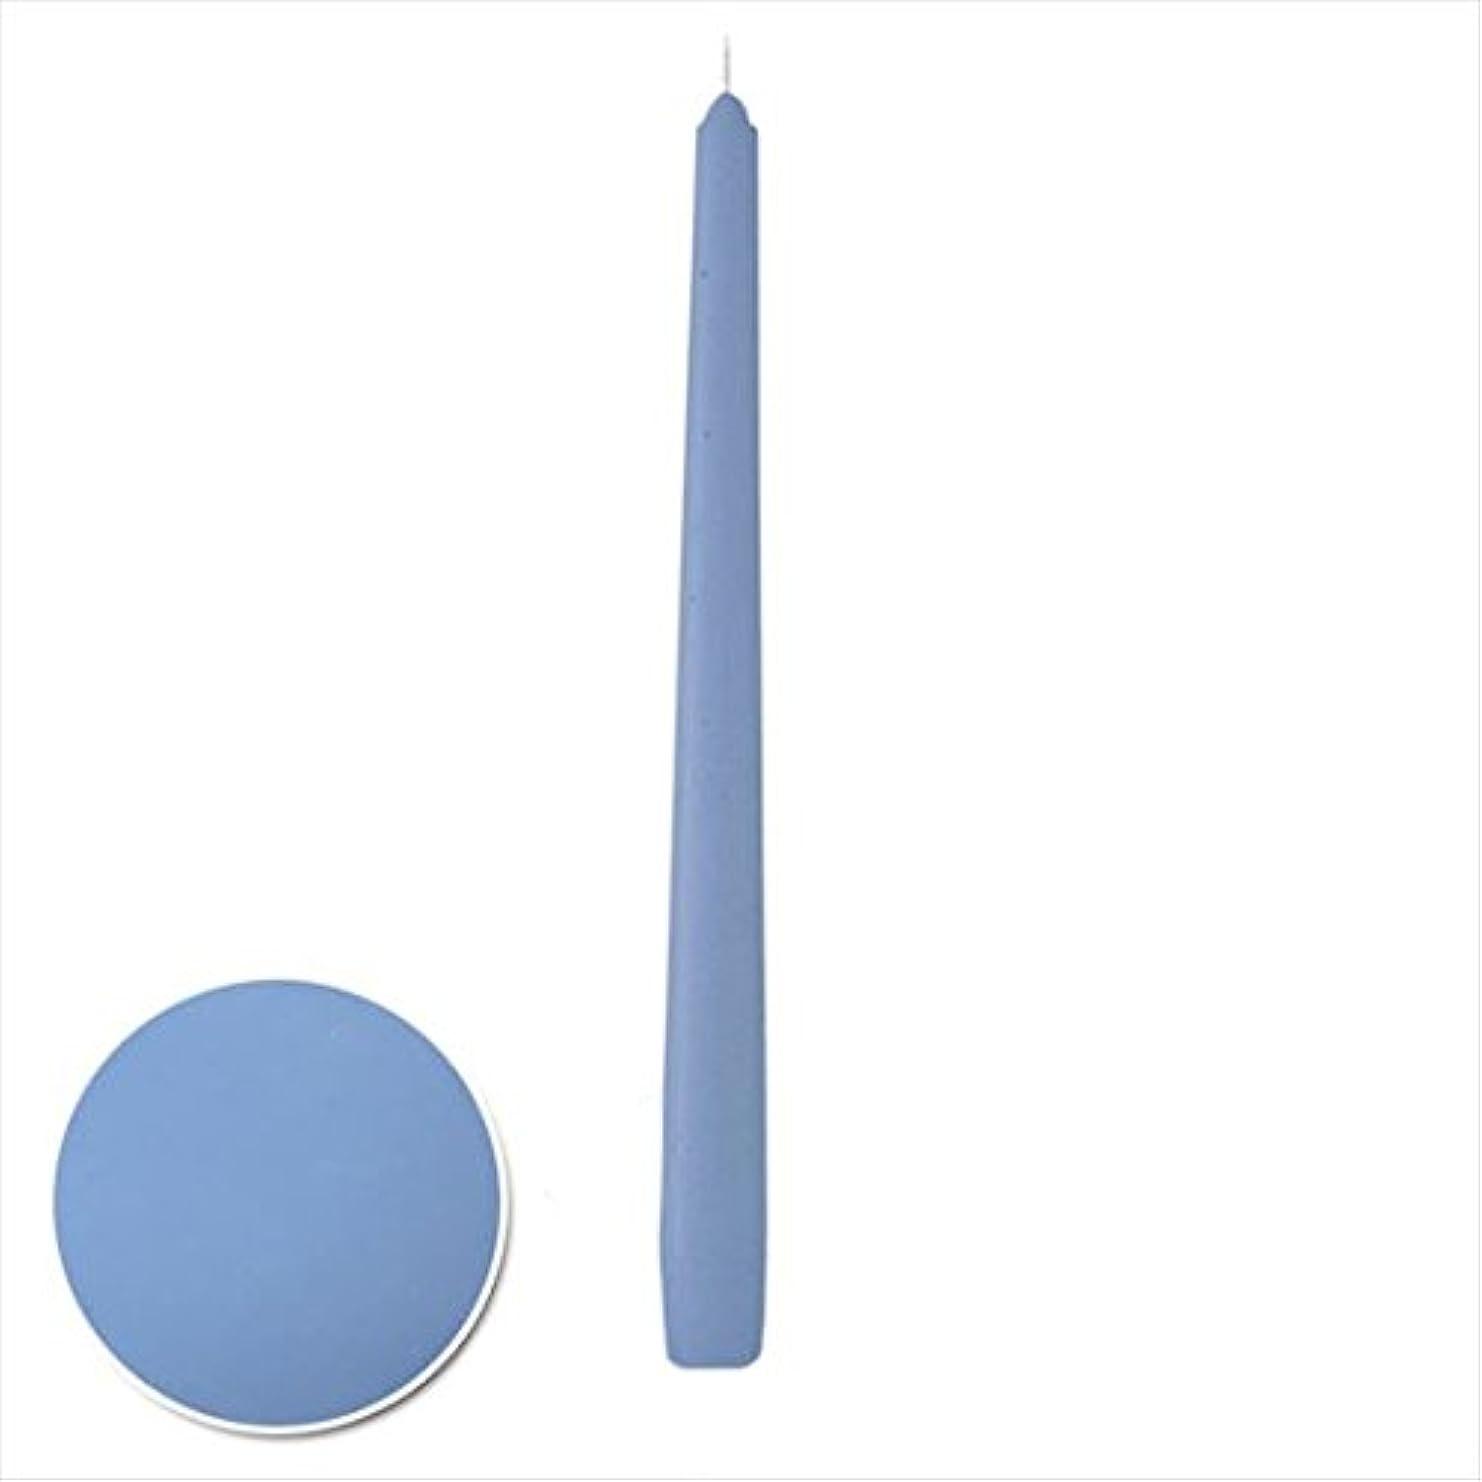 困難ファイル偉業カメヤマキャンドル( kameyama candle ) 12インチテーパー 「 パープルブルー 」 12本入り